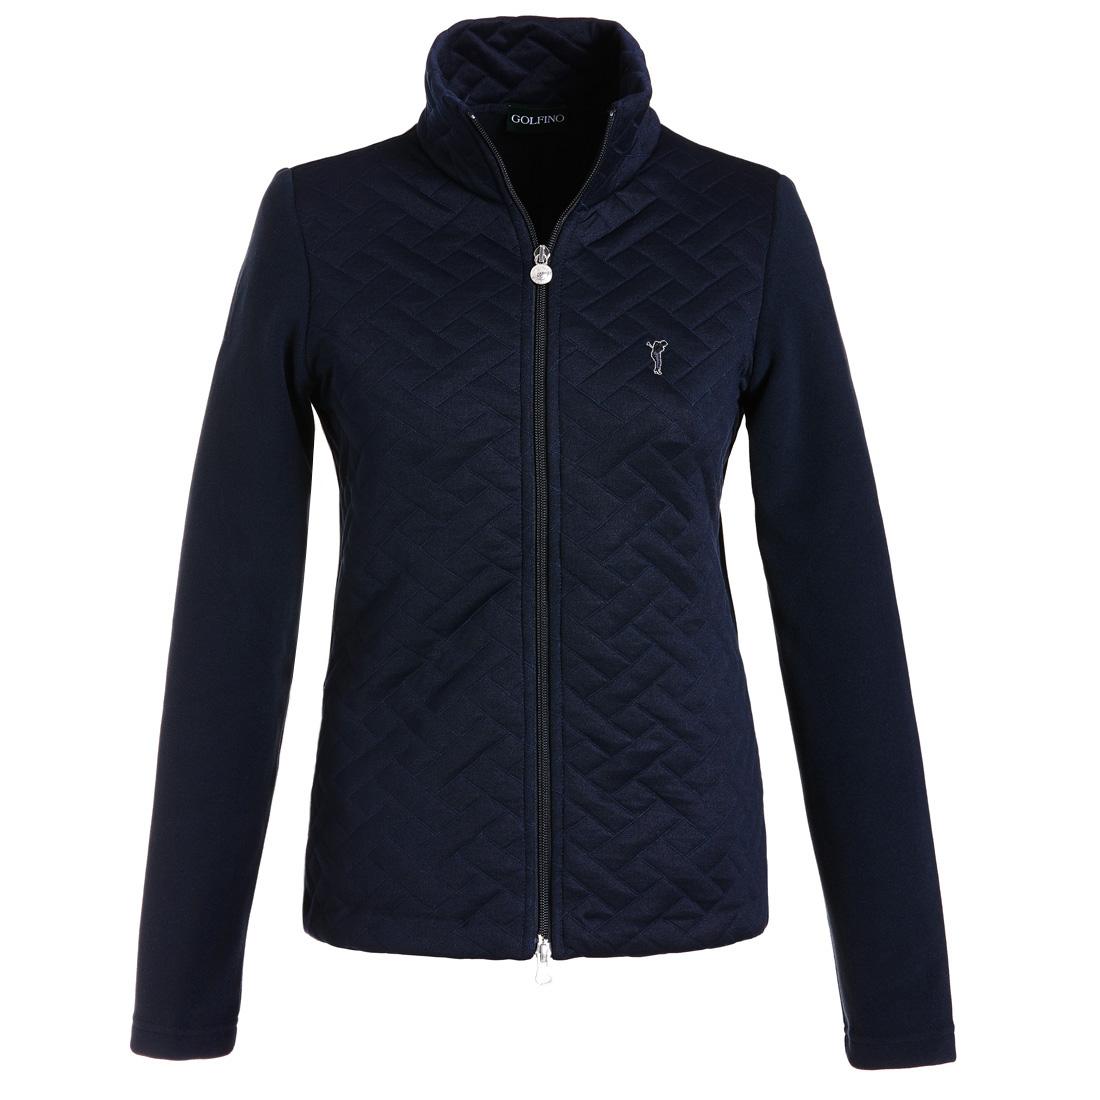 Fleece Jacke mit der Vorderseite aus Jacquard Braun